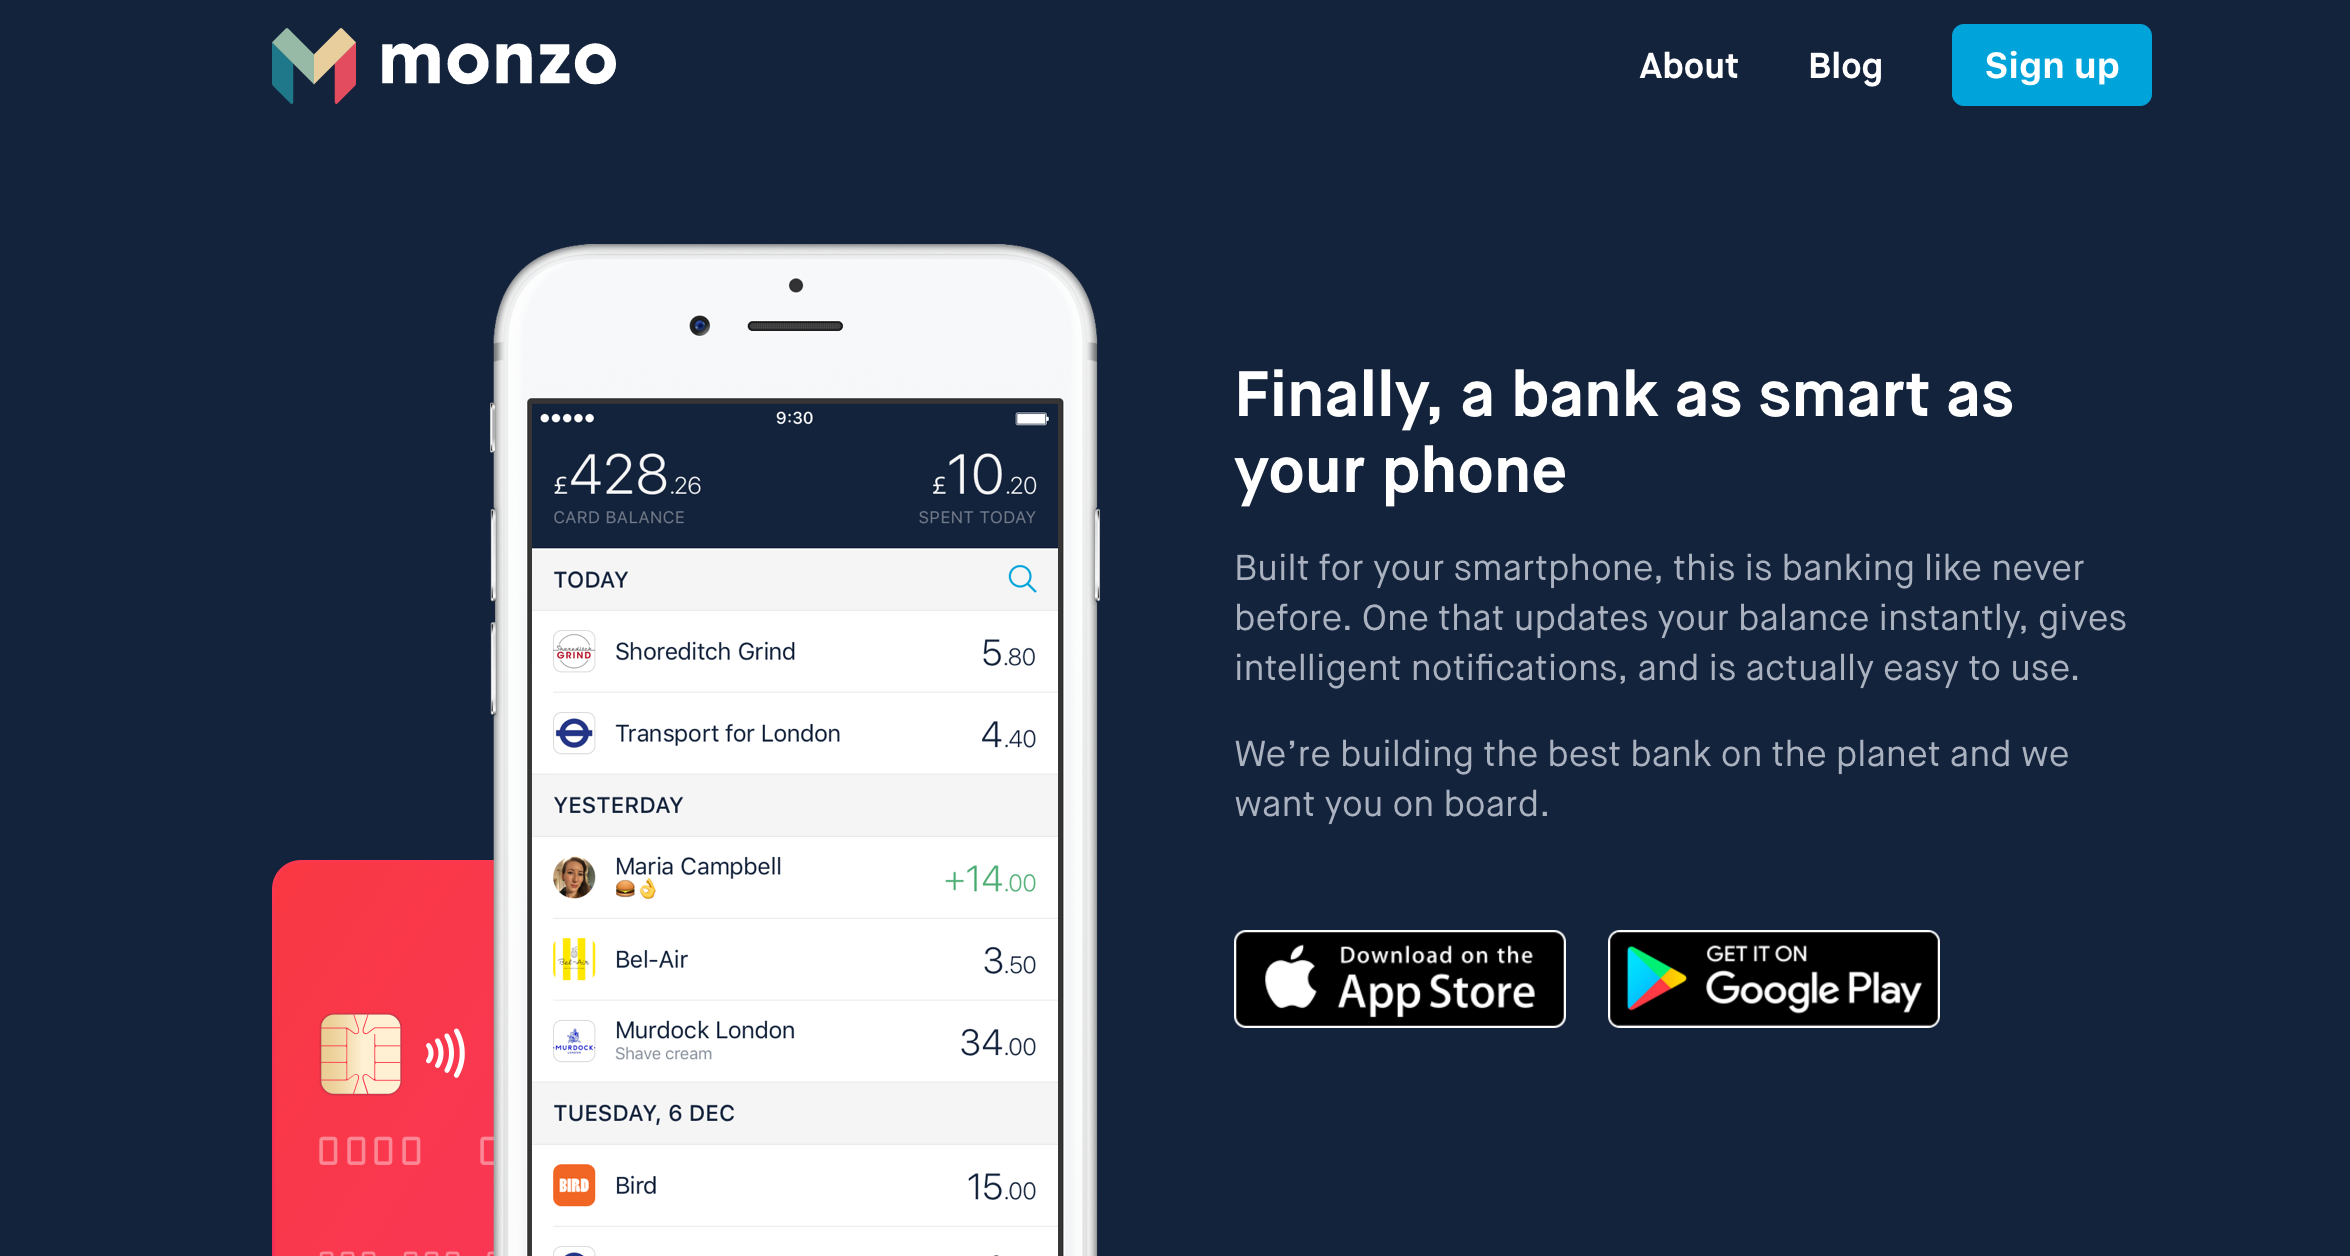 monzo-bank